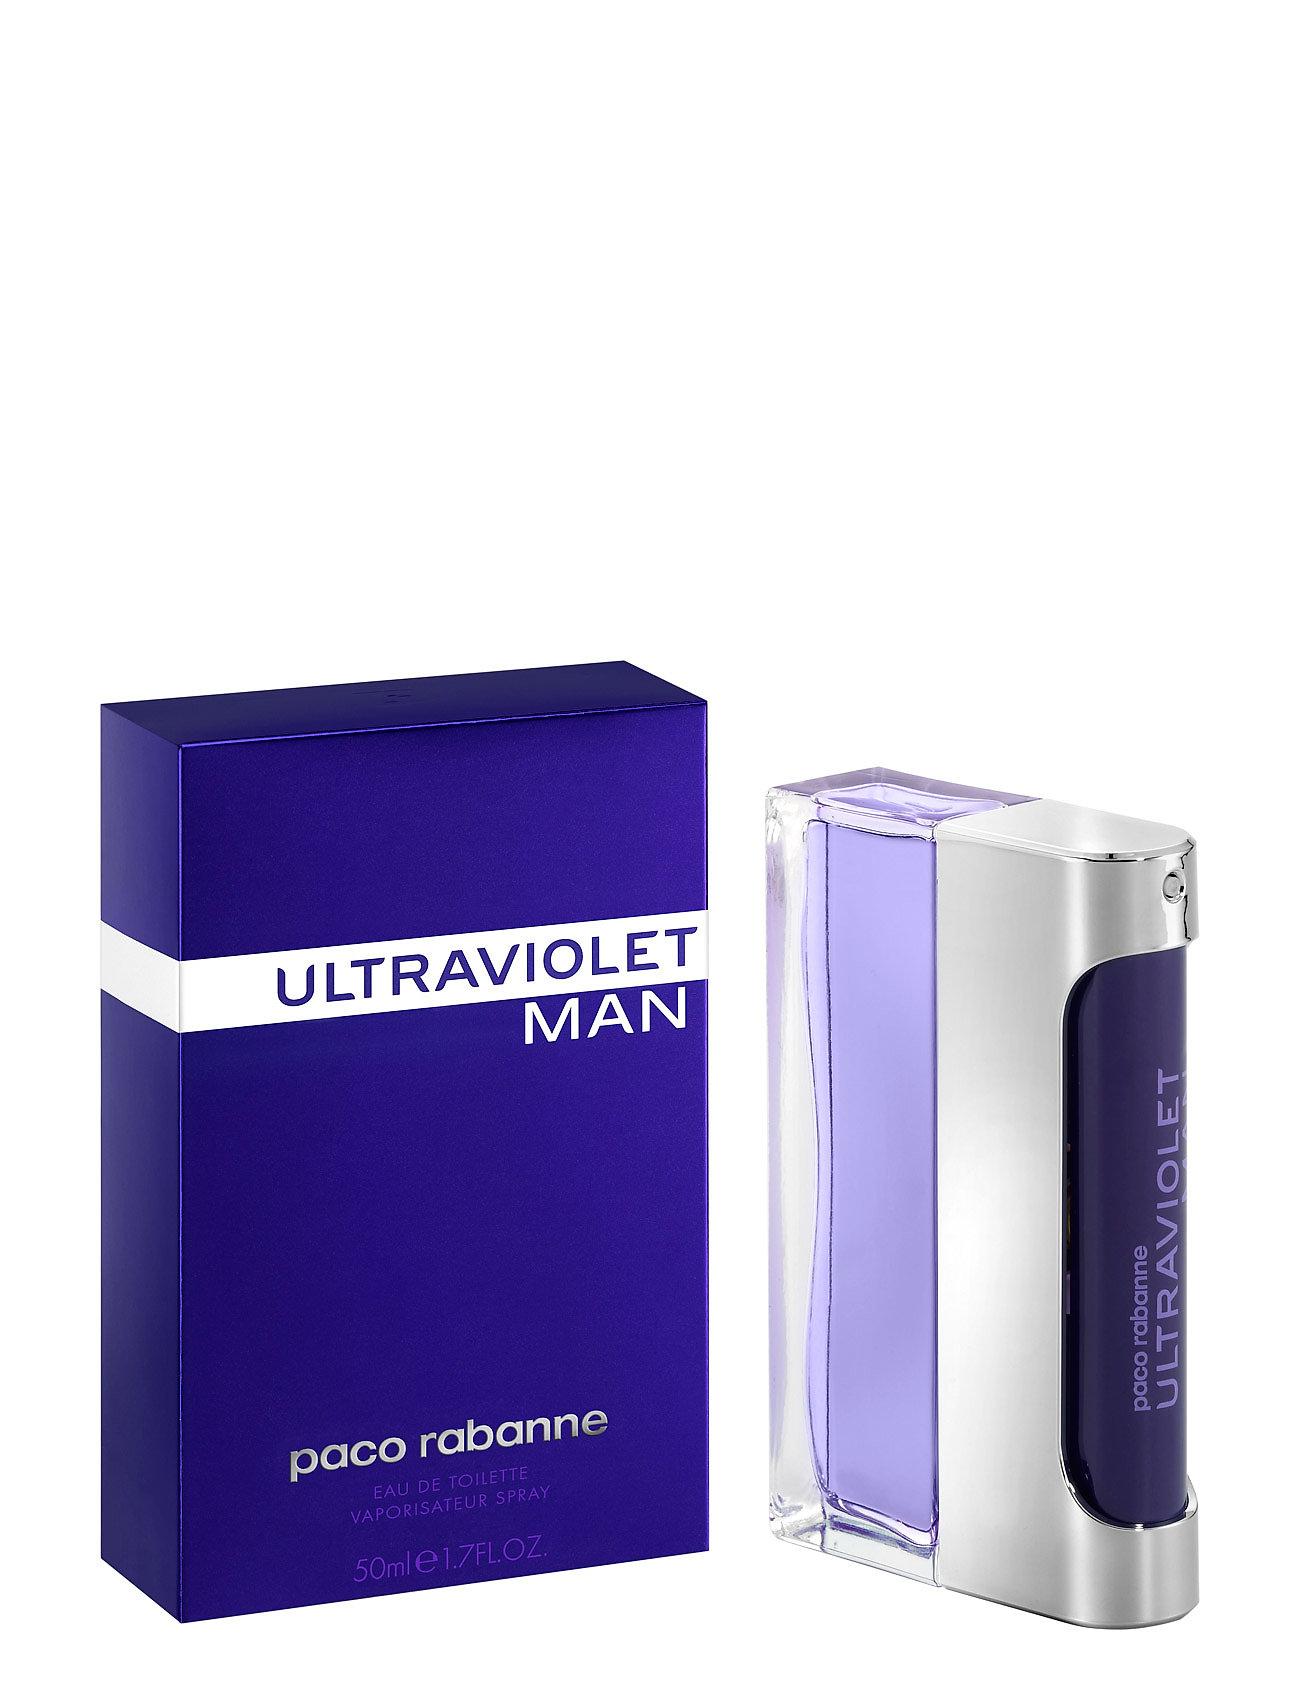 paco rabanne – Paco rabanne ultraviolet man eau de på boozt.com dk